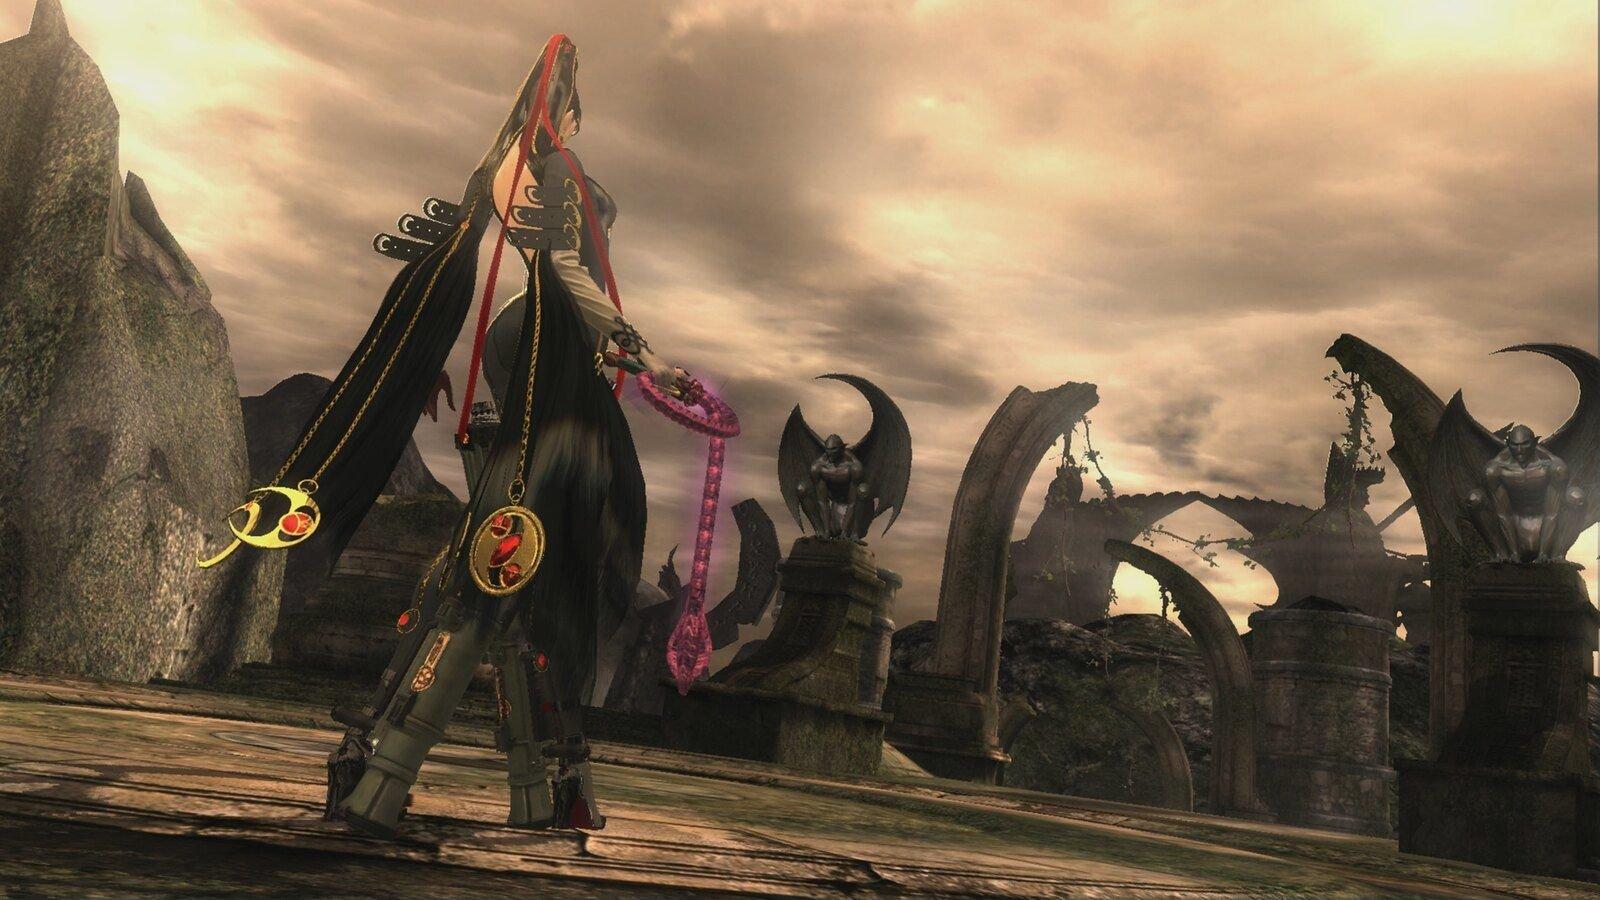 باندل بازیهای Bayonetta و Vanquish در سال 2020 برای PS4 و ایکسباکس وان عرضه خواهد شد